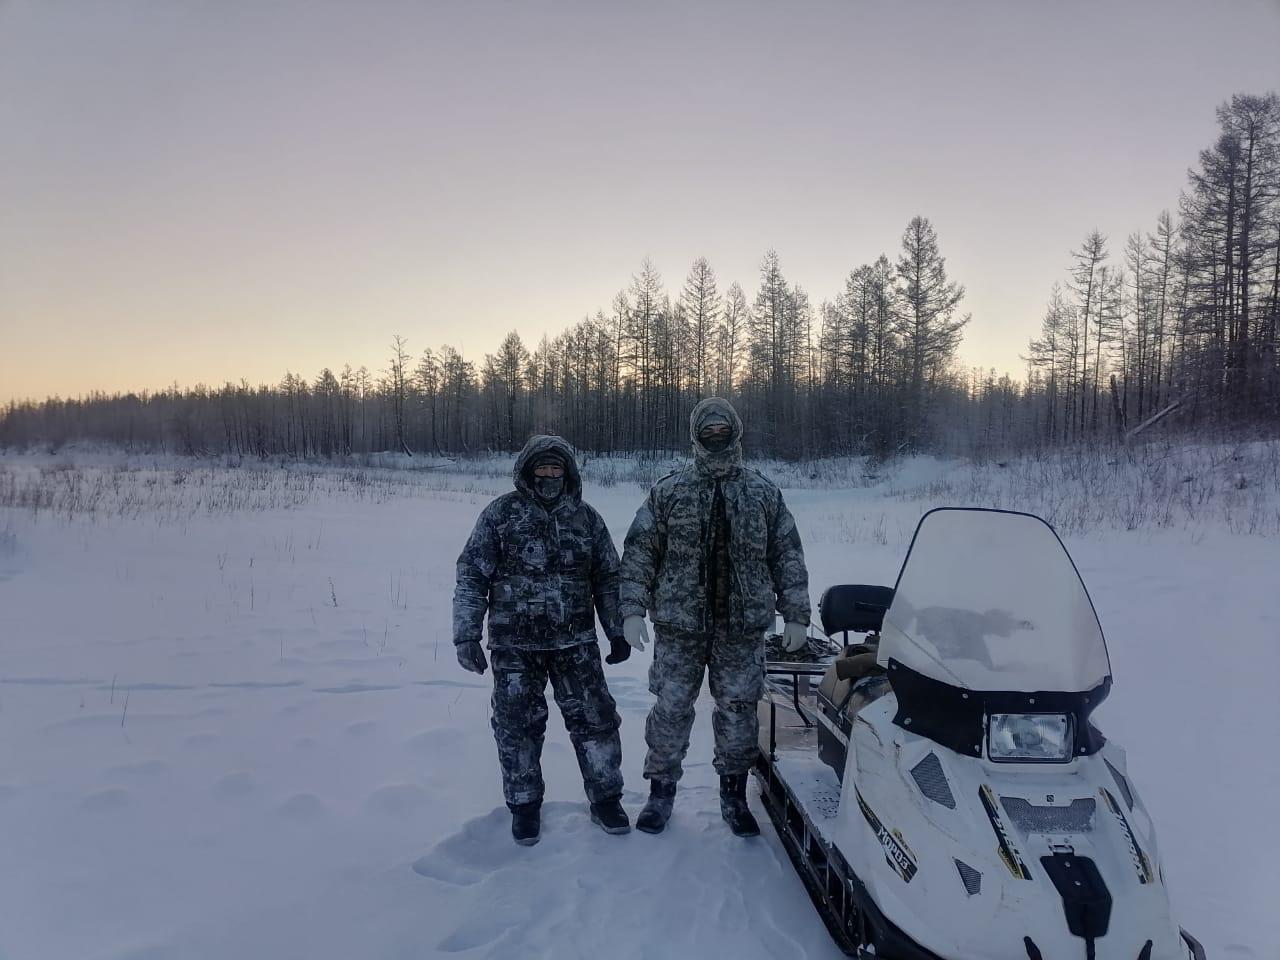 Дирекция биоресурсов Якутии выявила пять нарушений правил охоты в новогодние дни